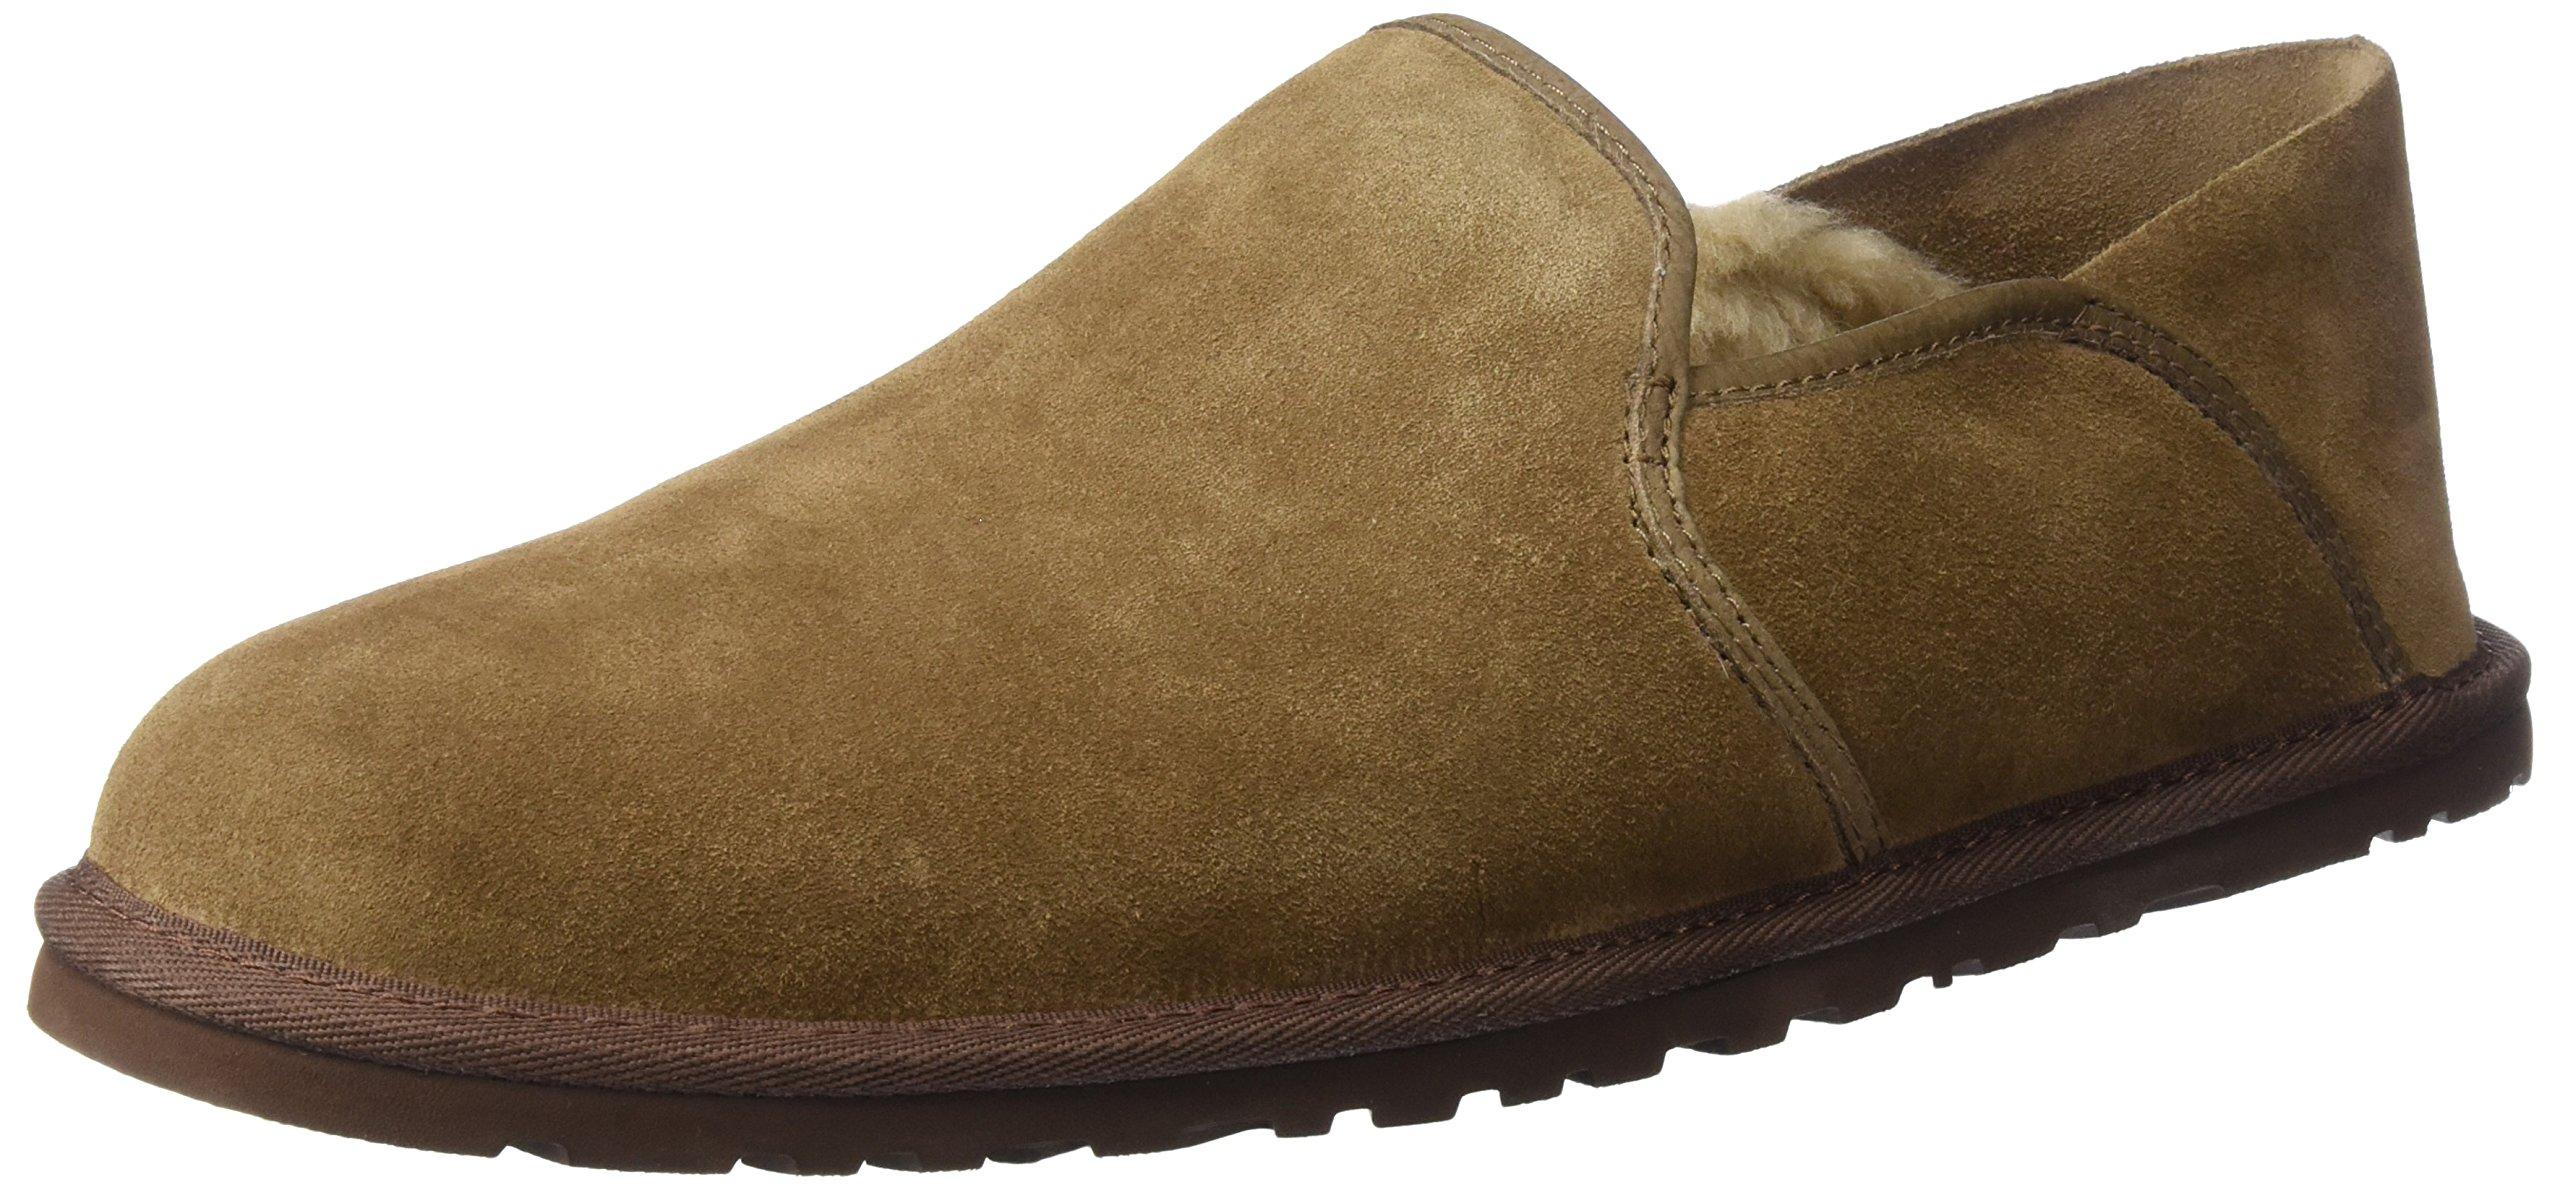 UGG Men's Cooke Slip-On Loafer, Dark Chestnut, 10 M US